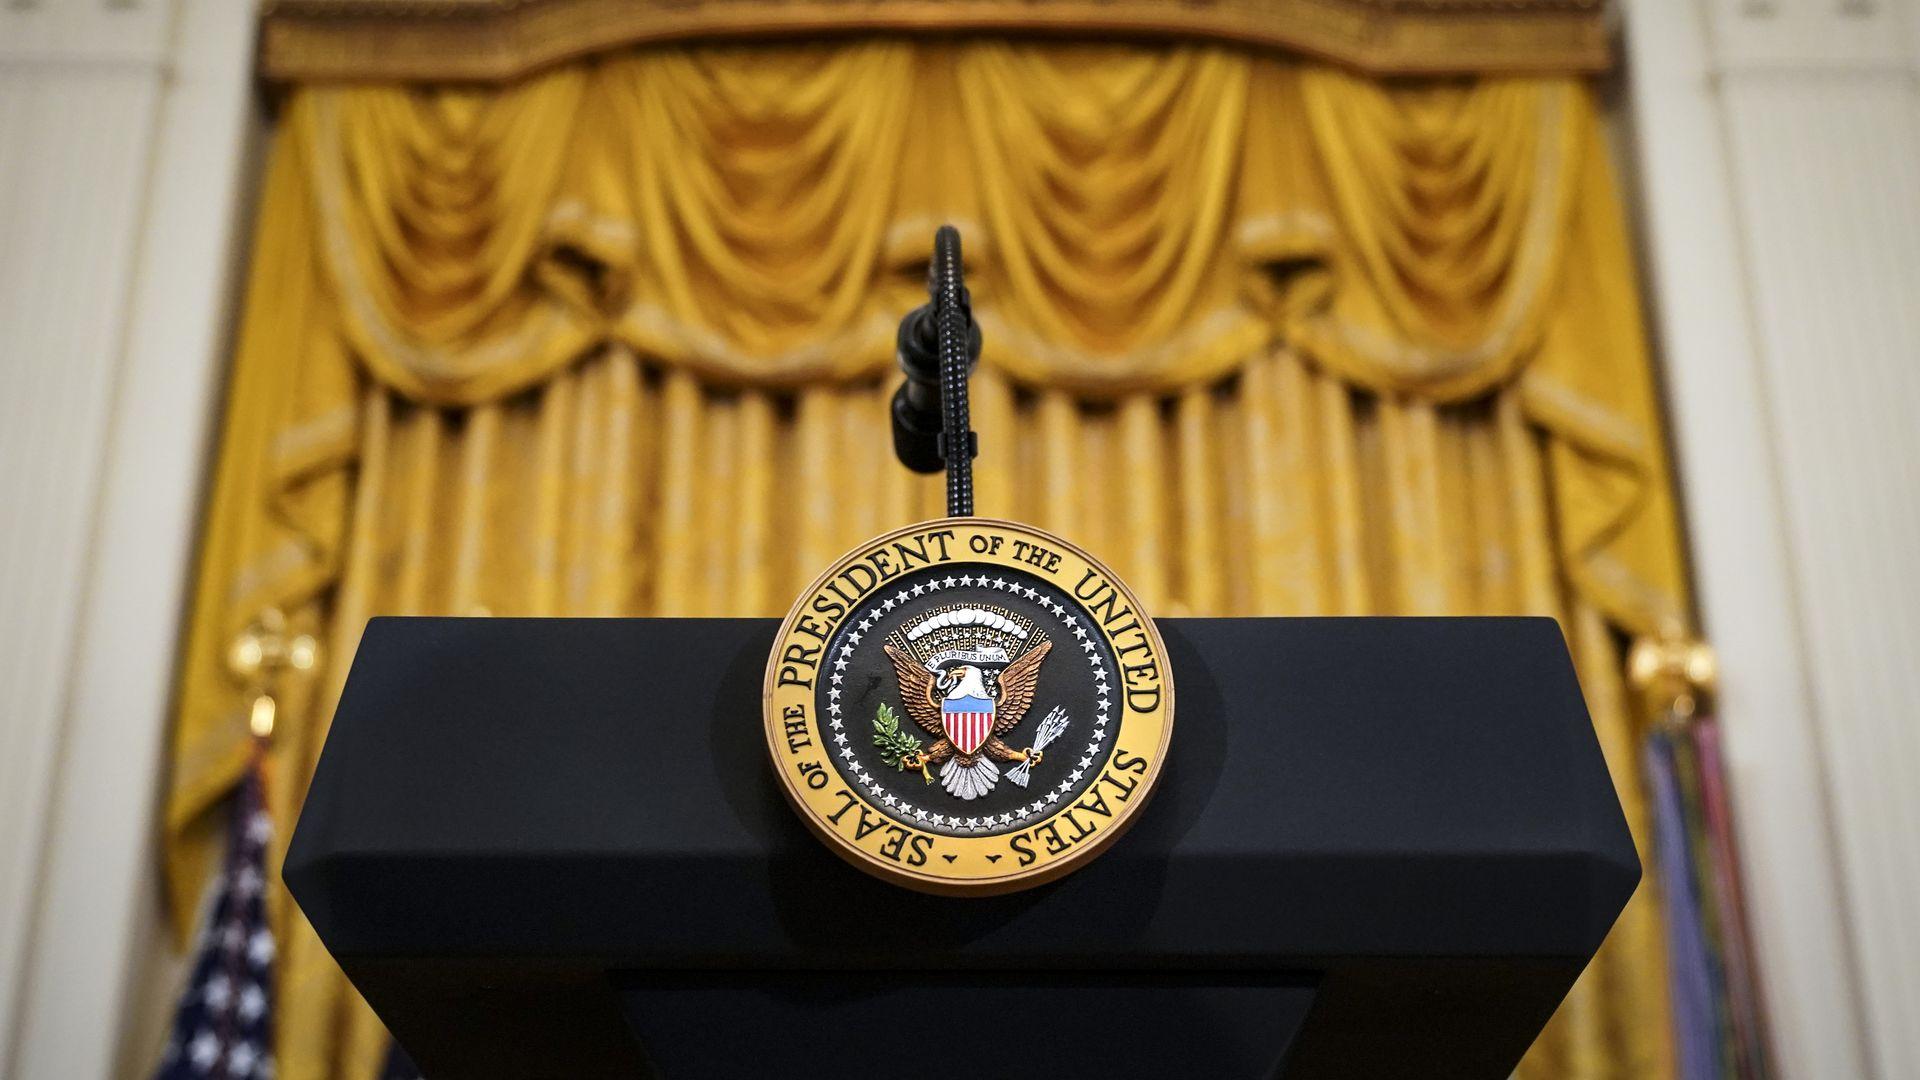 The president's podium